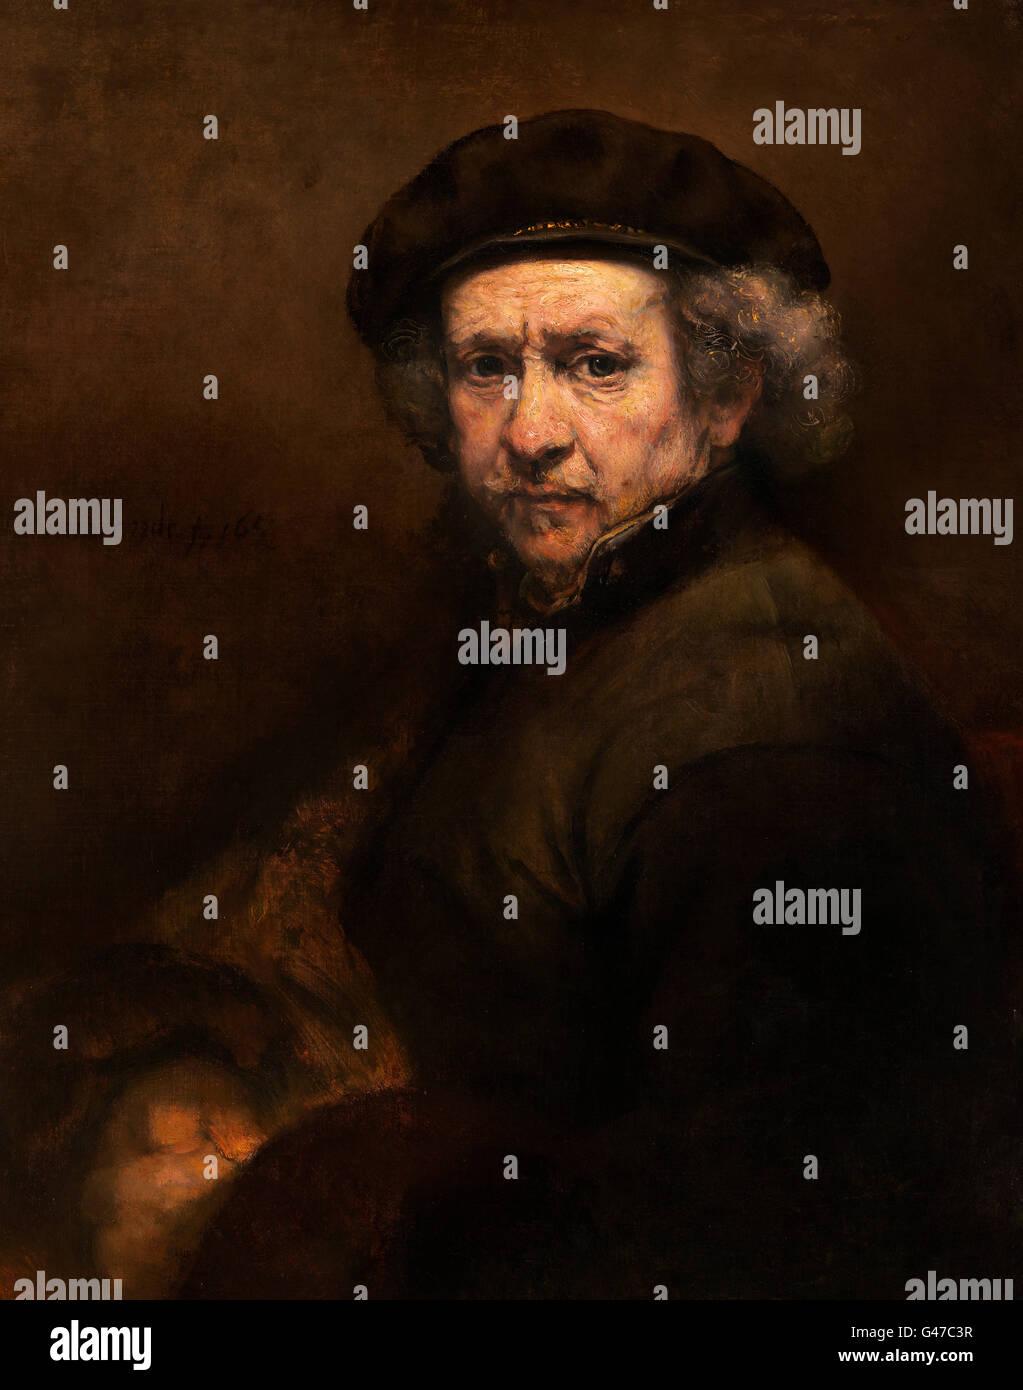 Rembrandt. Self Portrait im Alter von 53 von Rembrandt van Rijn (1606-1669), Öl auf Leinwand, c.1659 Stockbild